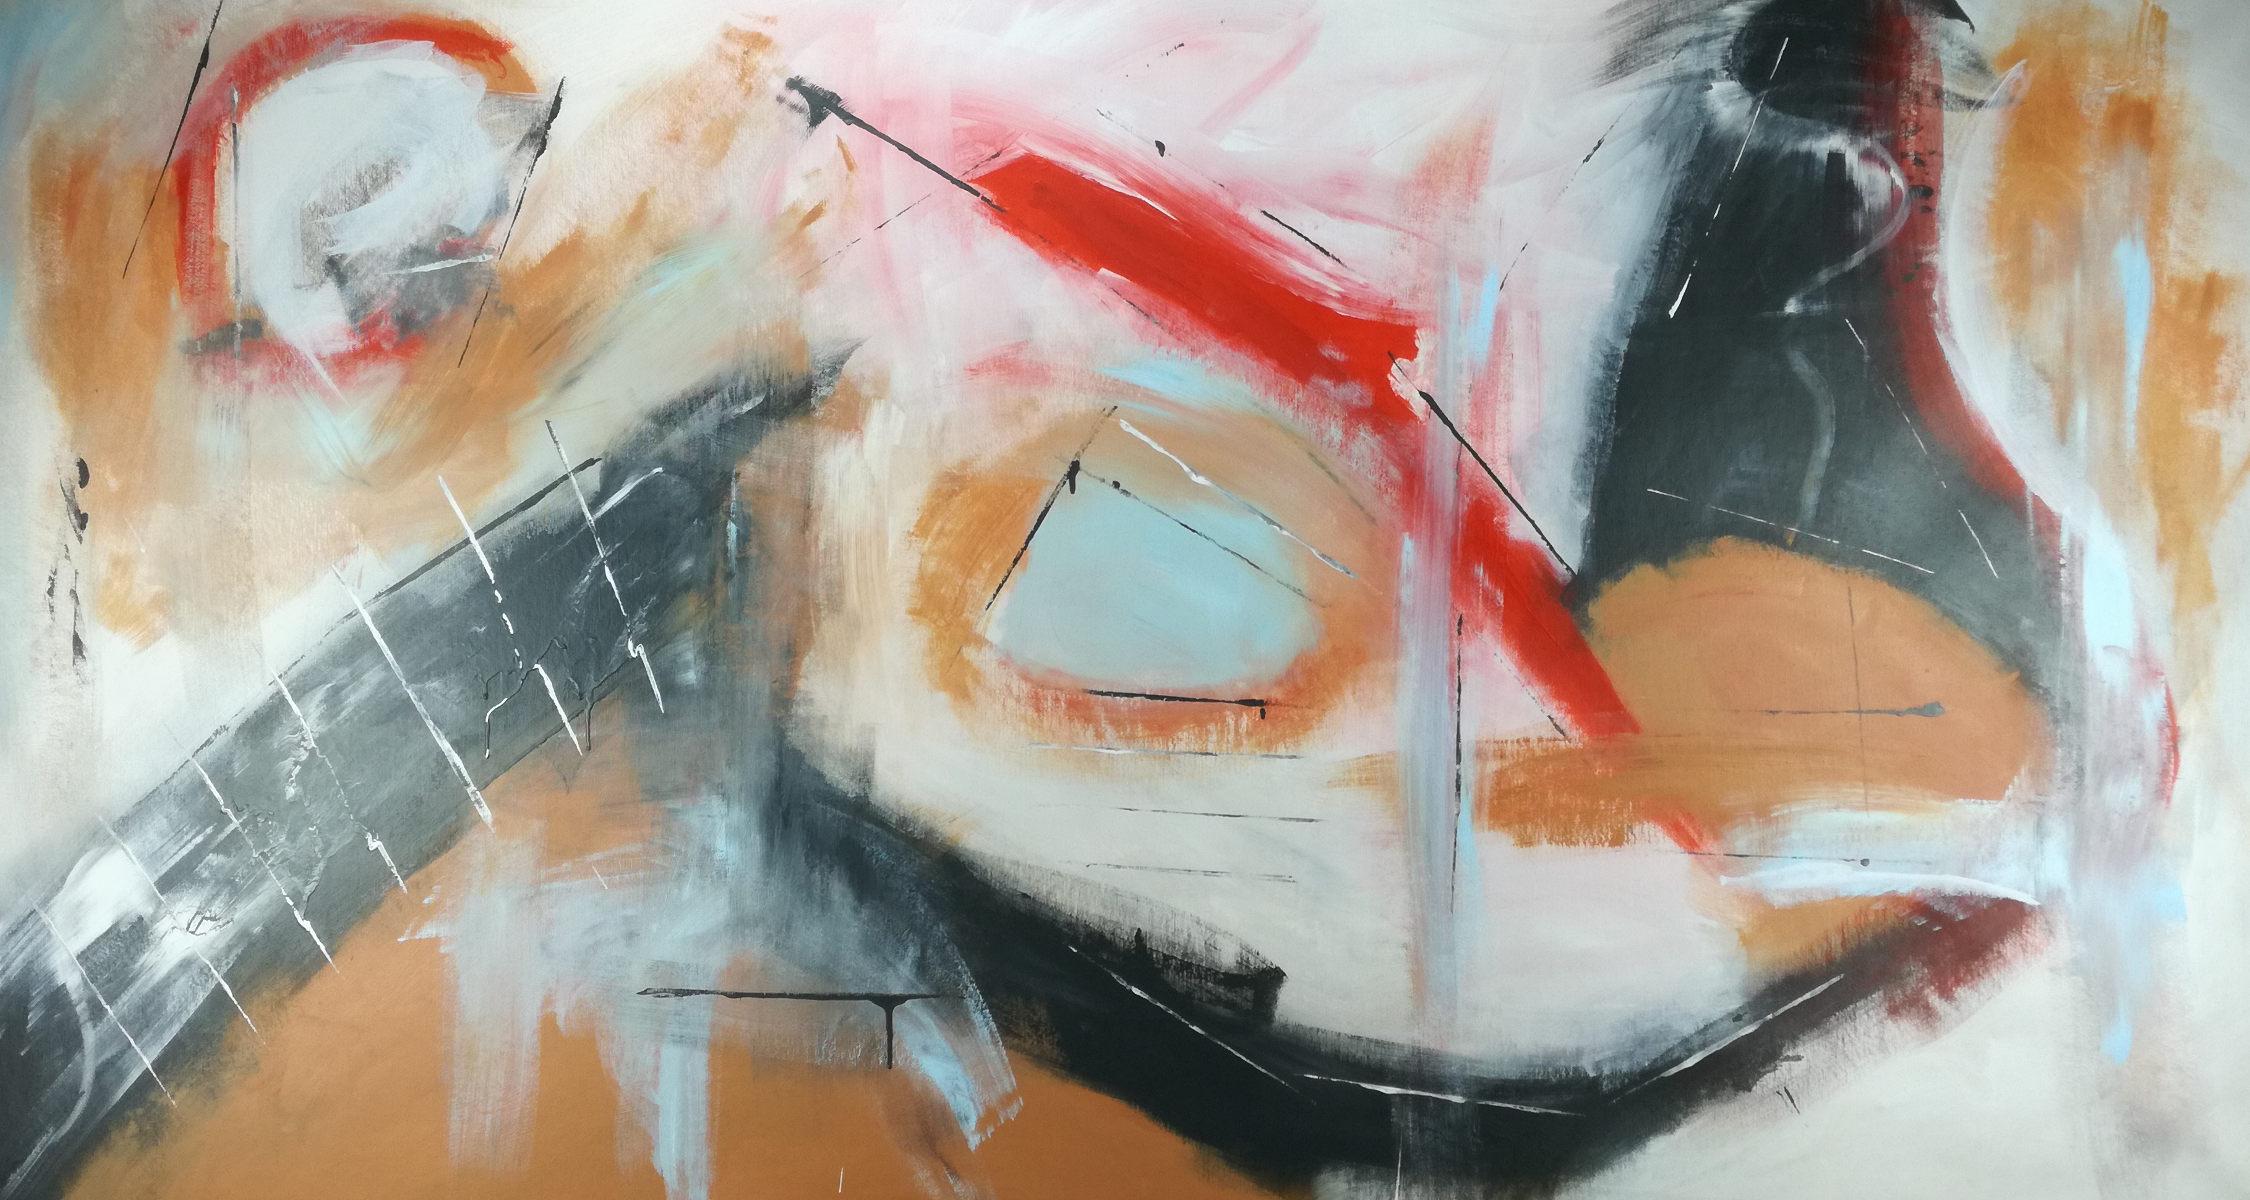 quadri astratti grandi dimensioni su tela 150x80 | sauro bos